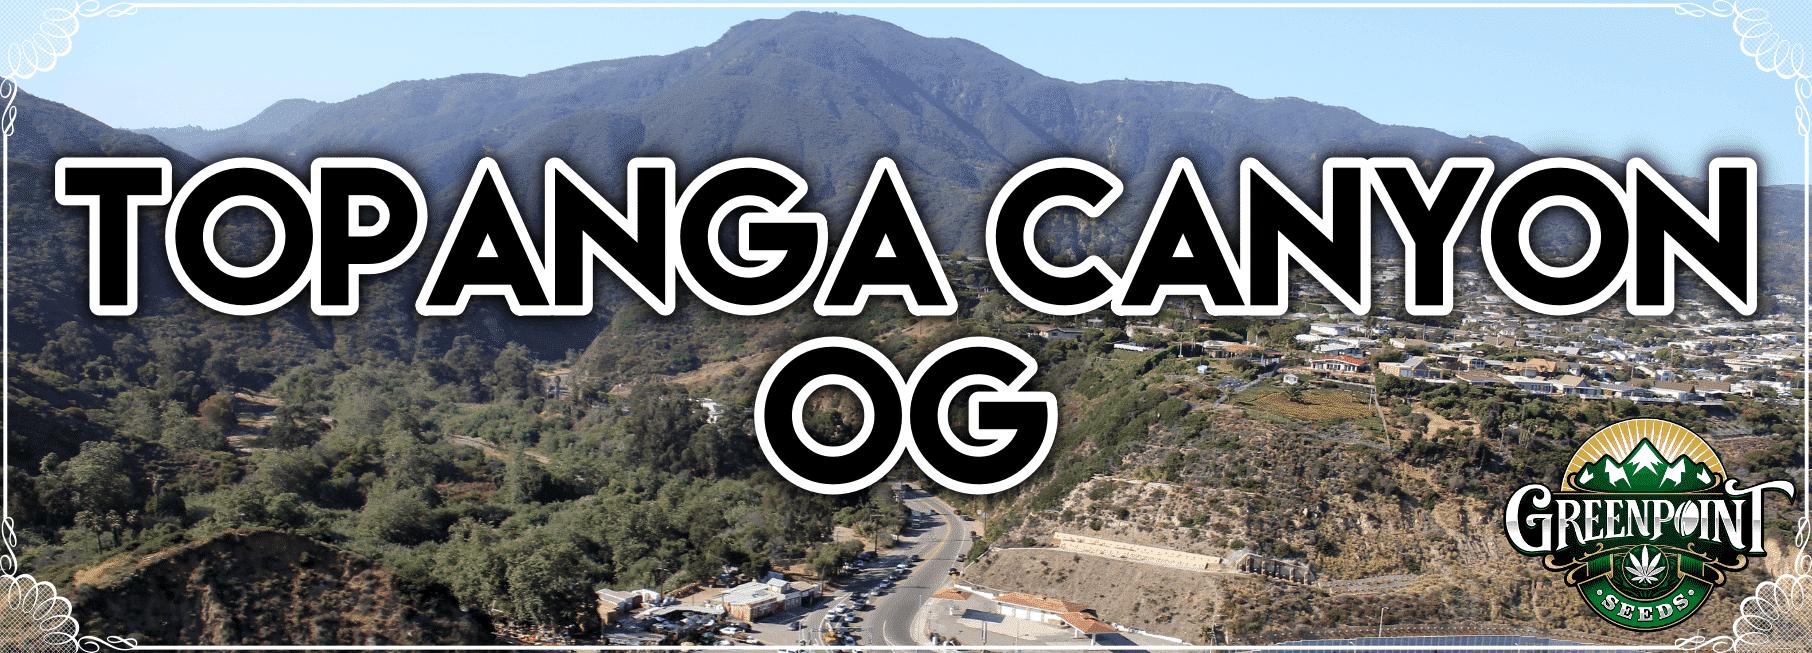 Topanga Canyon OG